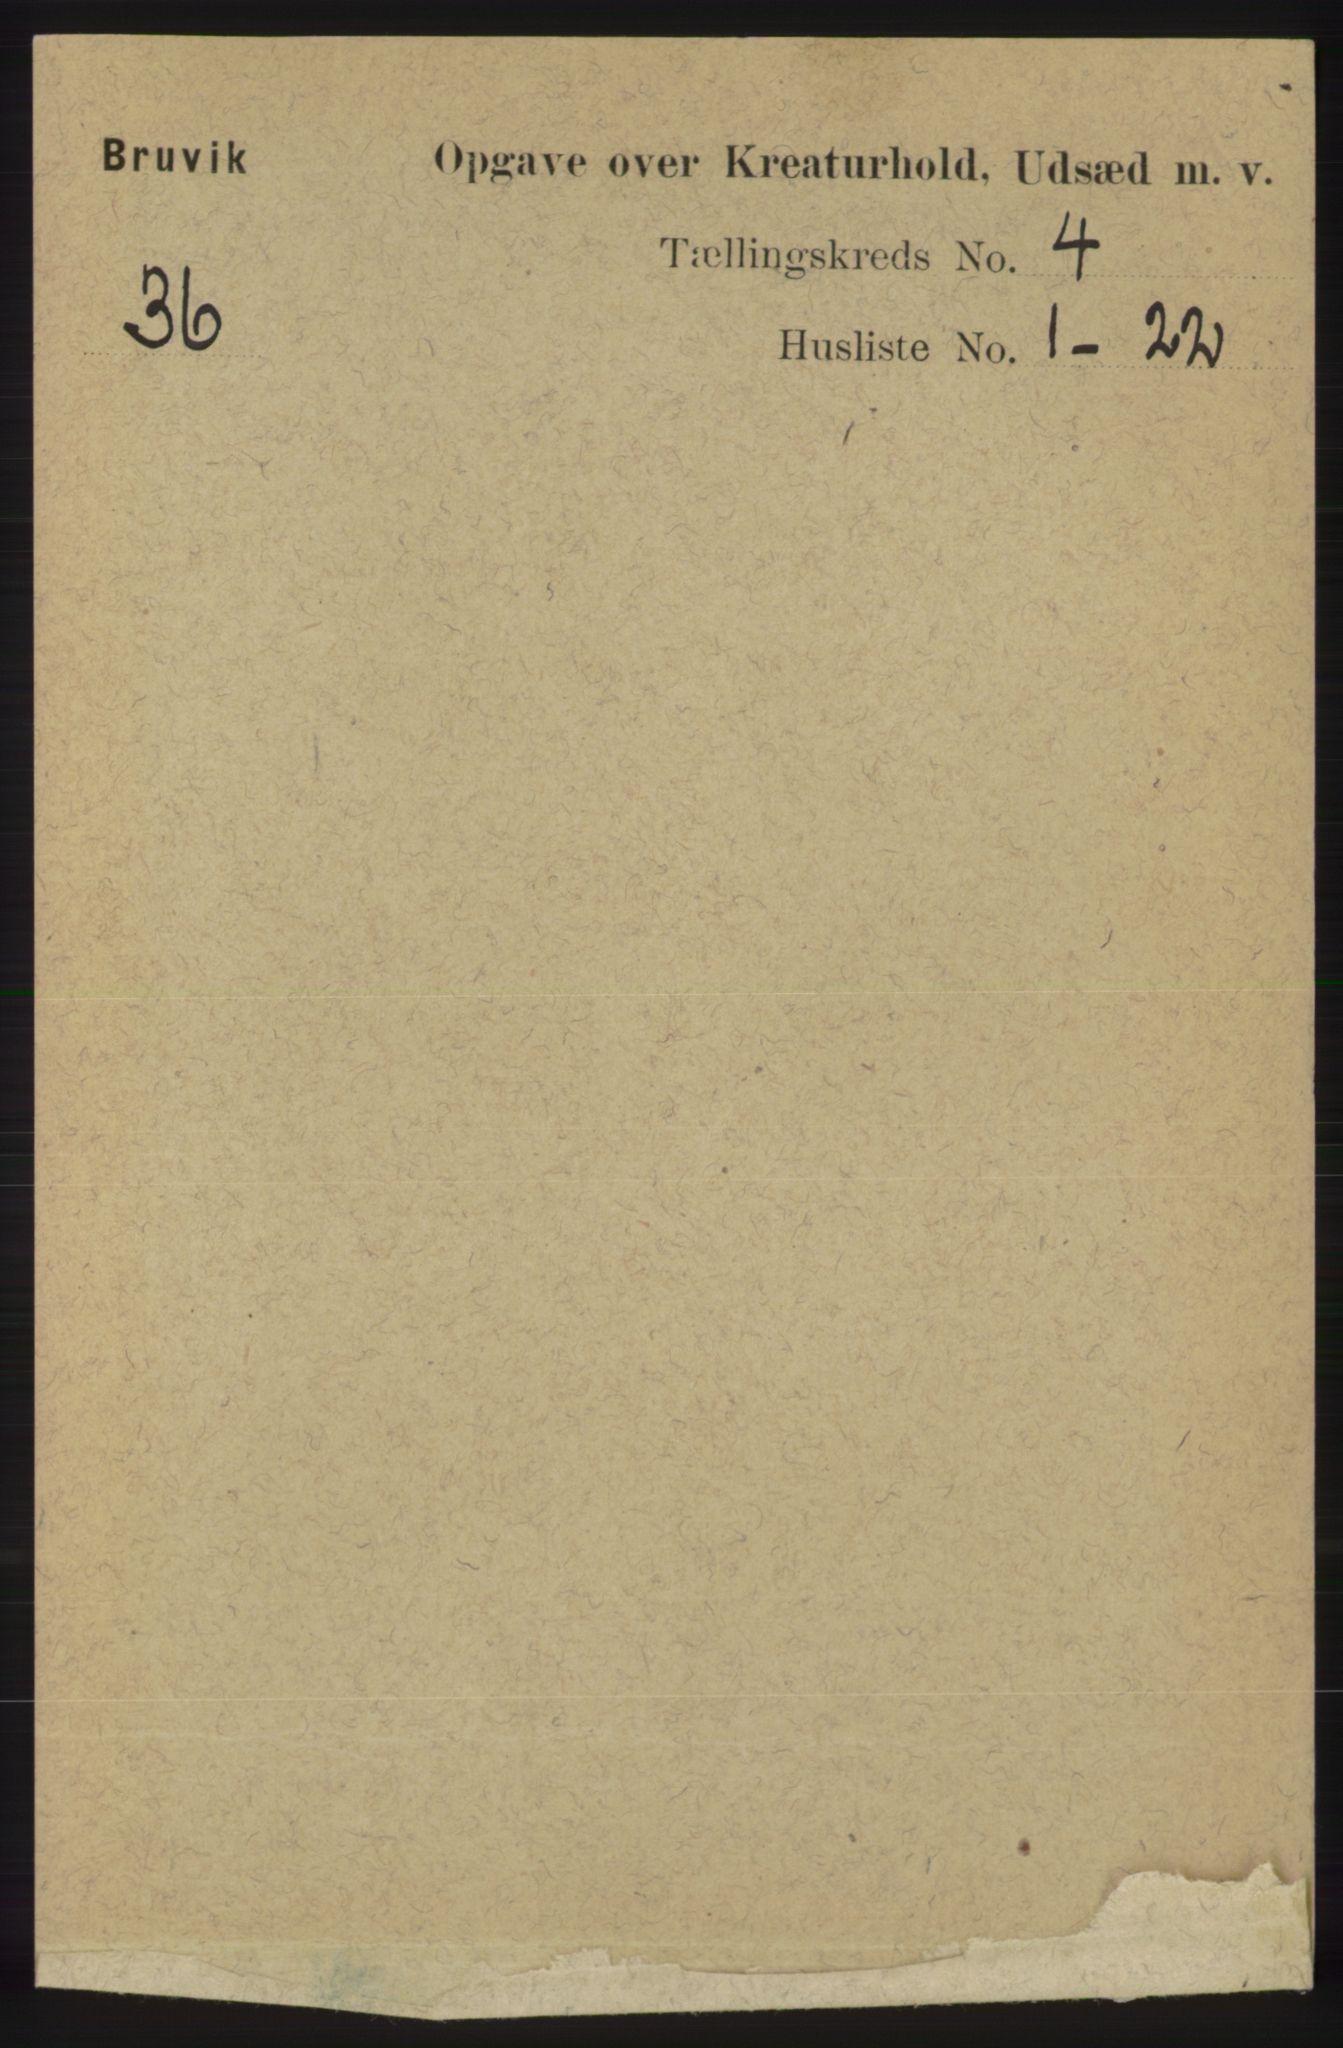 RA, Folketelling 1891 for 1251 Bruvik herred, 1891, s. 4393